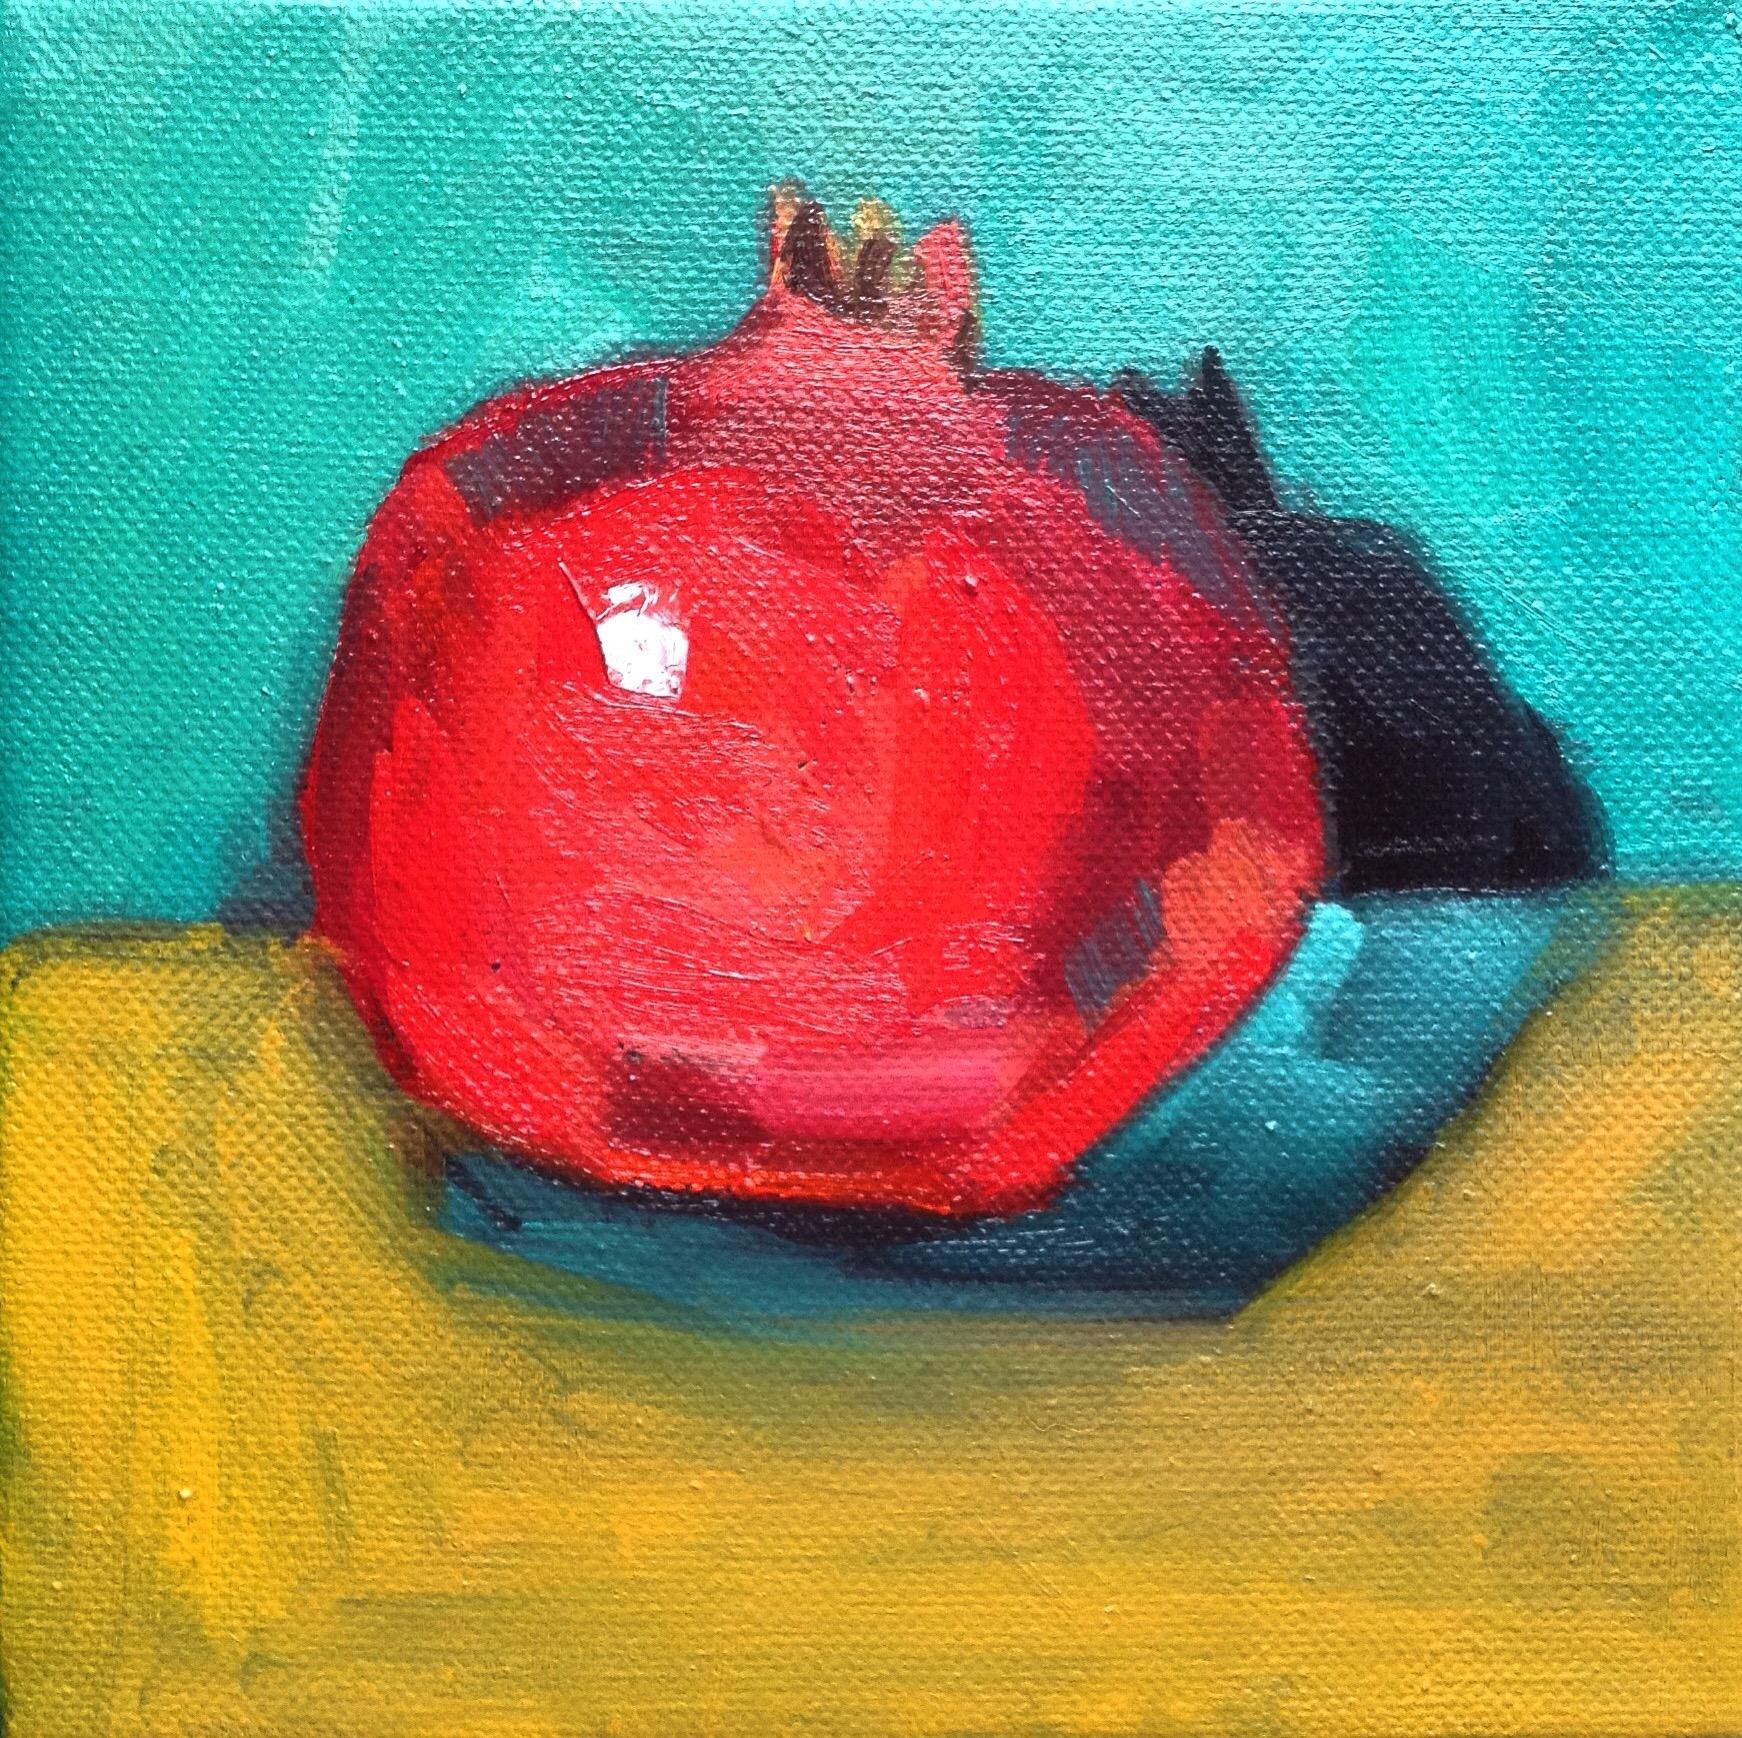 Pomegrante Jewel